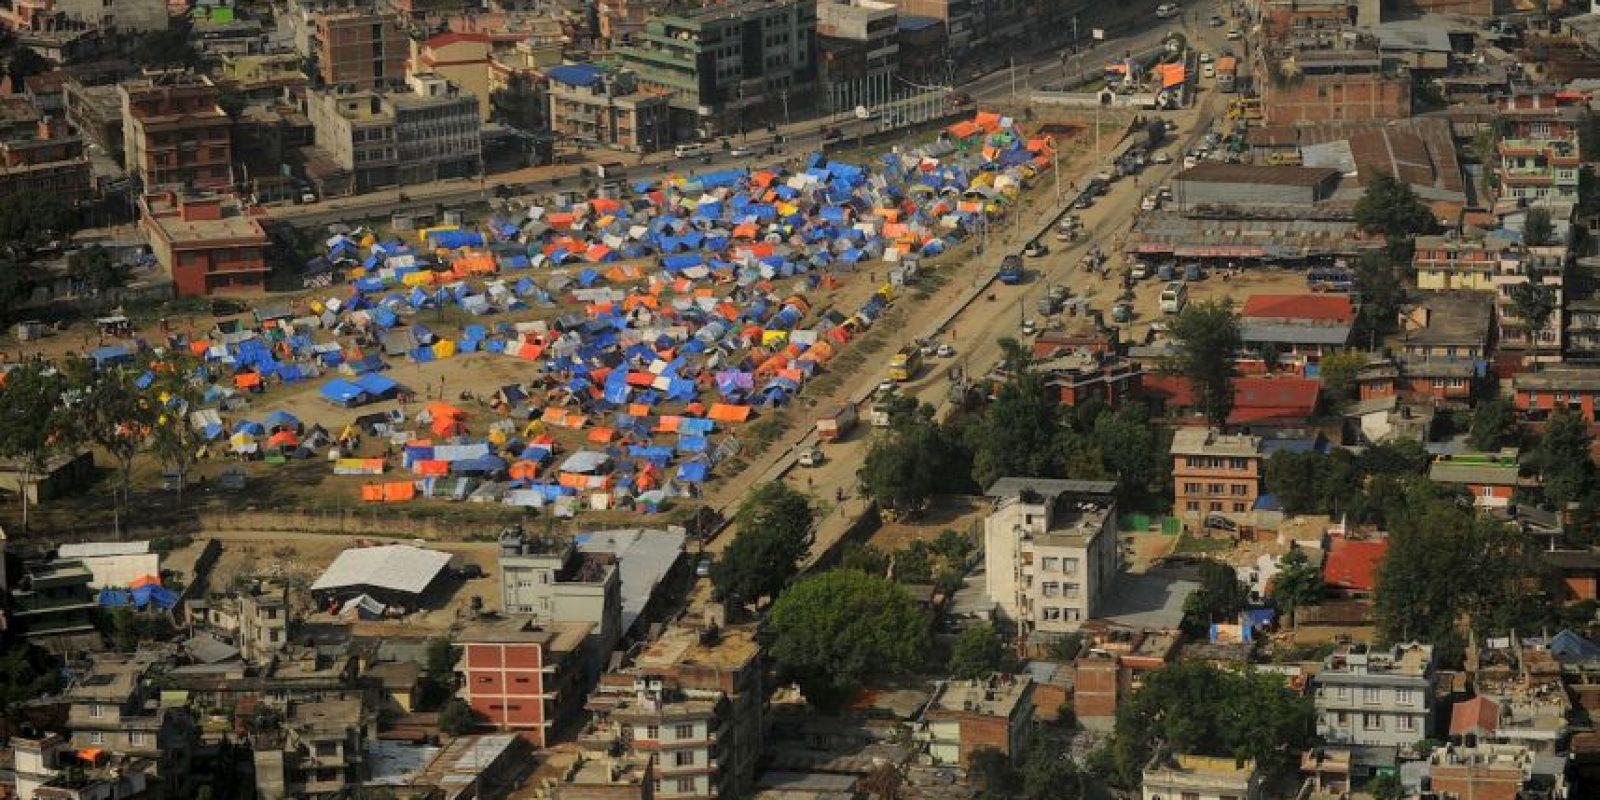 Sobrevivientes de los terremotos en Nepal que se quedaron sin hogar. Foto:AFP